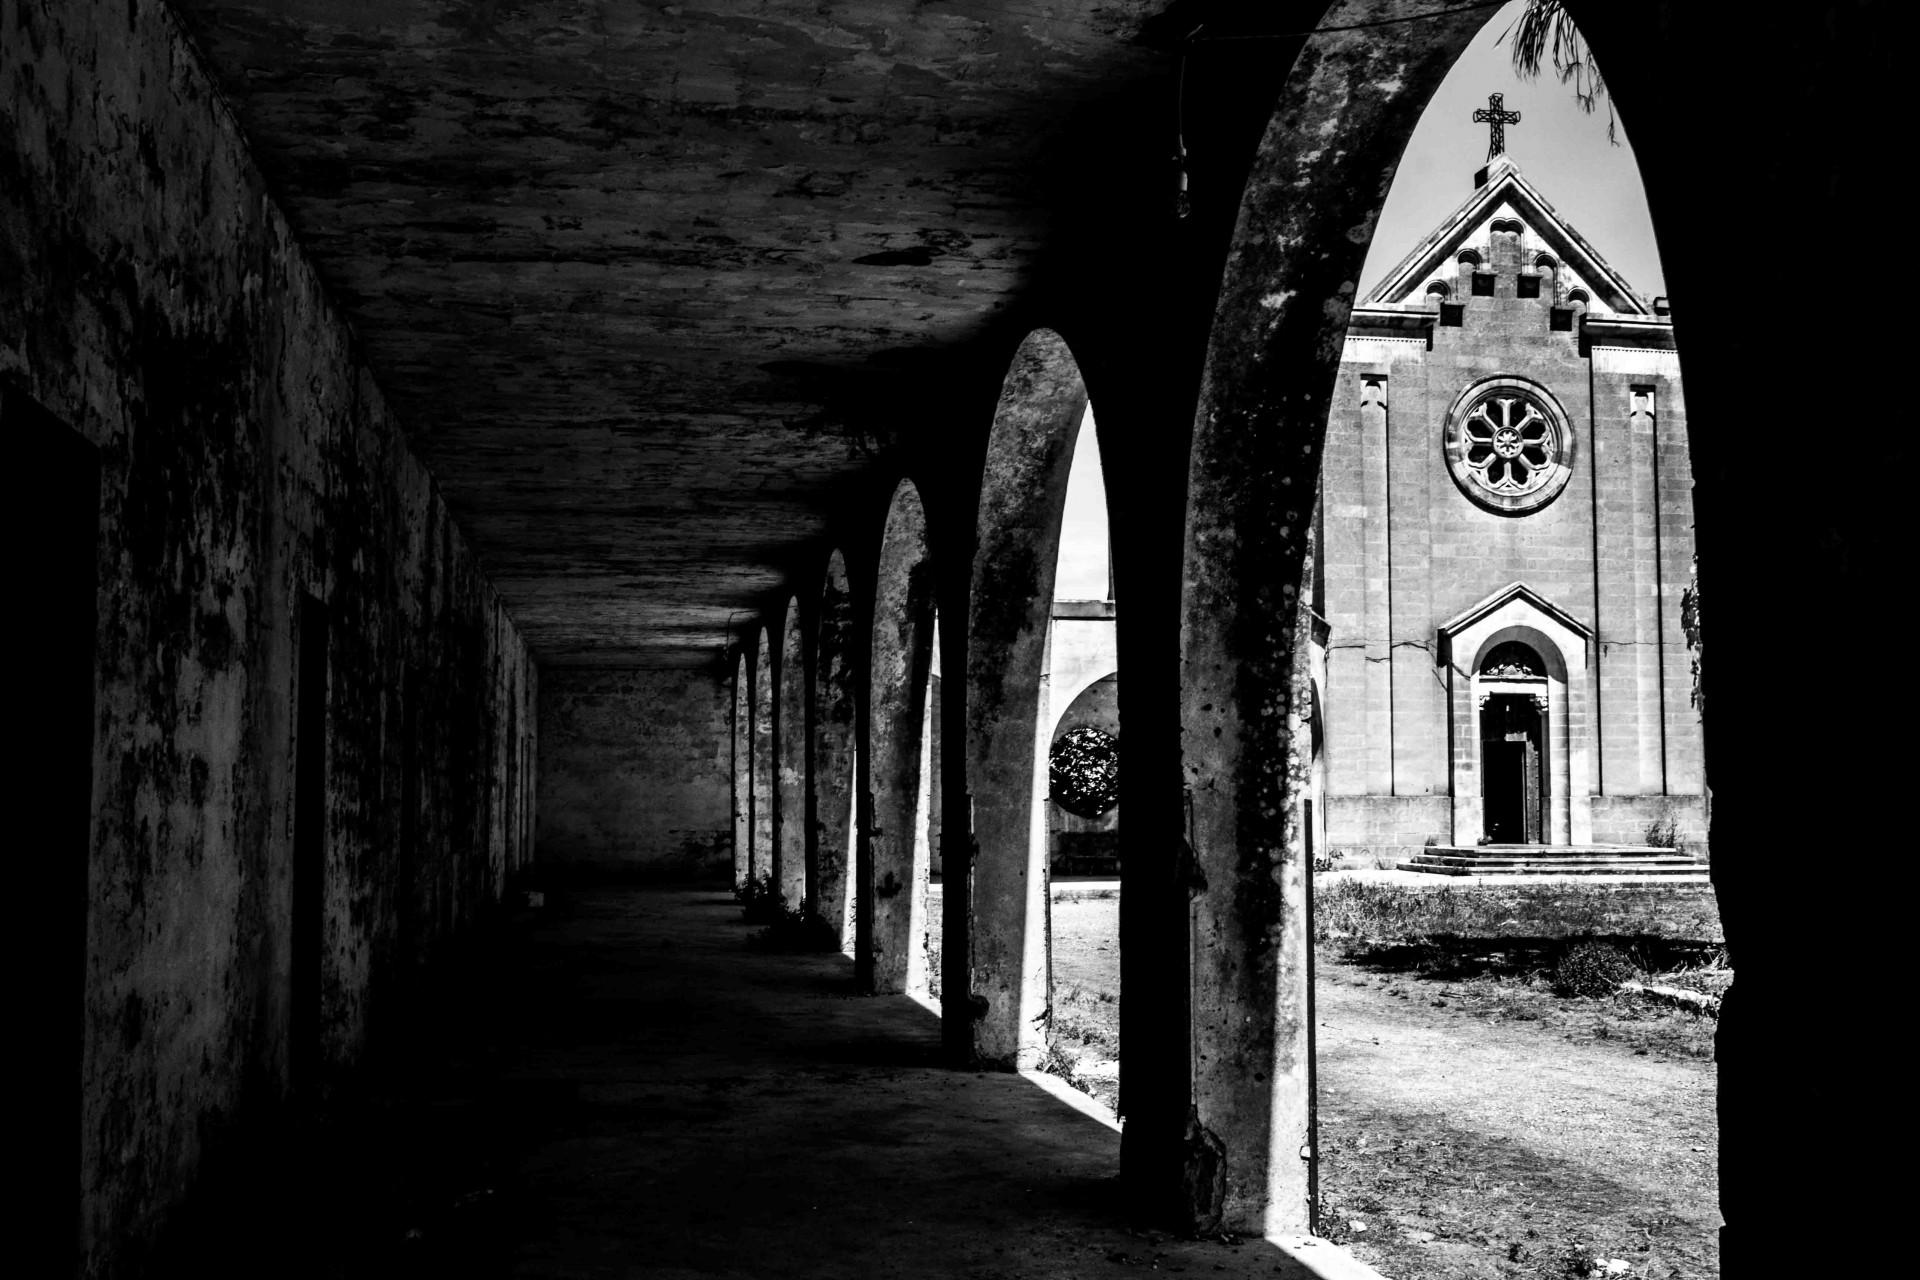 Monteruga, il villaggio abbandonato trent'anni fa e sorto intorno all'omonima masseria nella campagne tra San Pancrazio, Salice e Veglie, Lecce